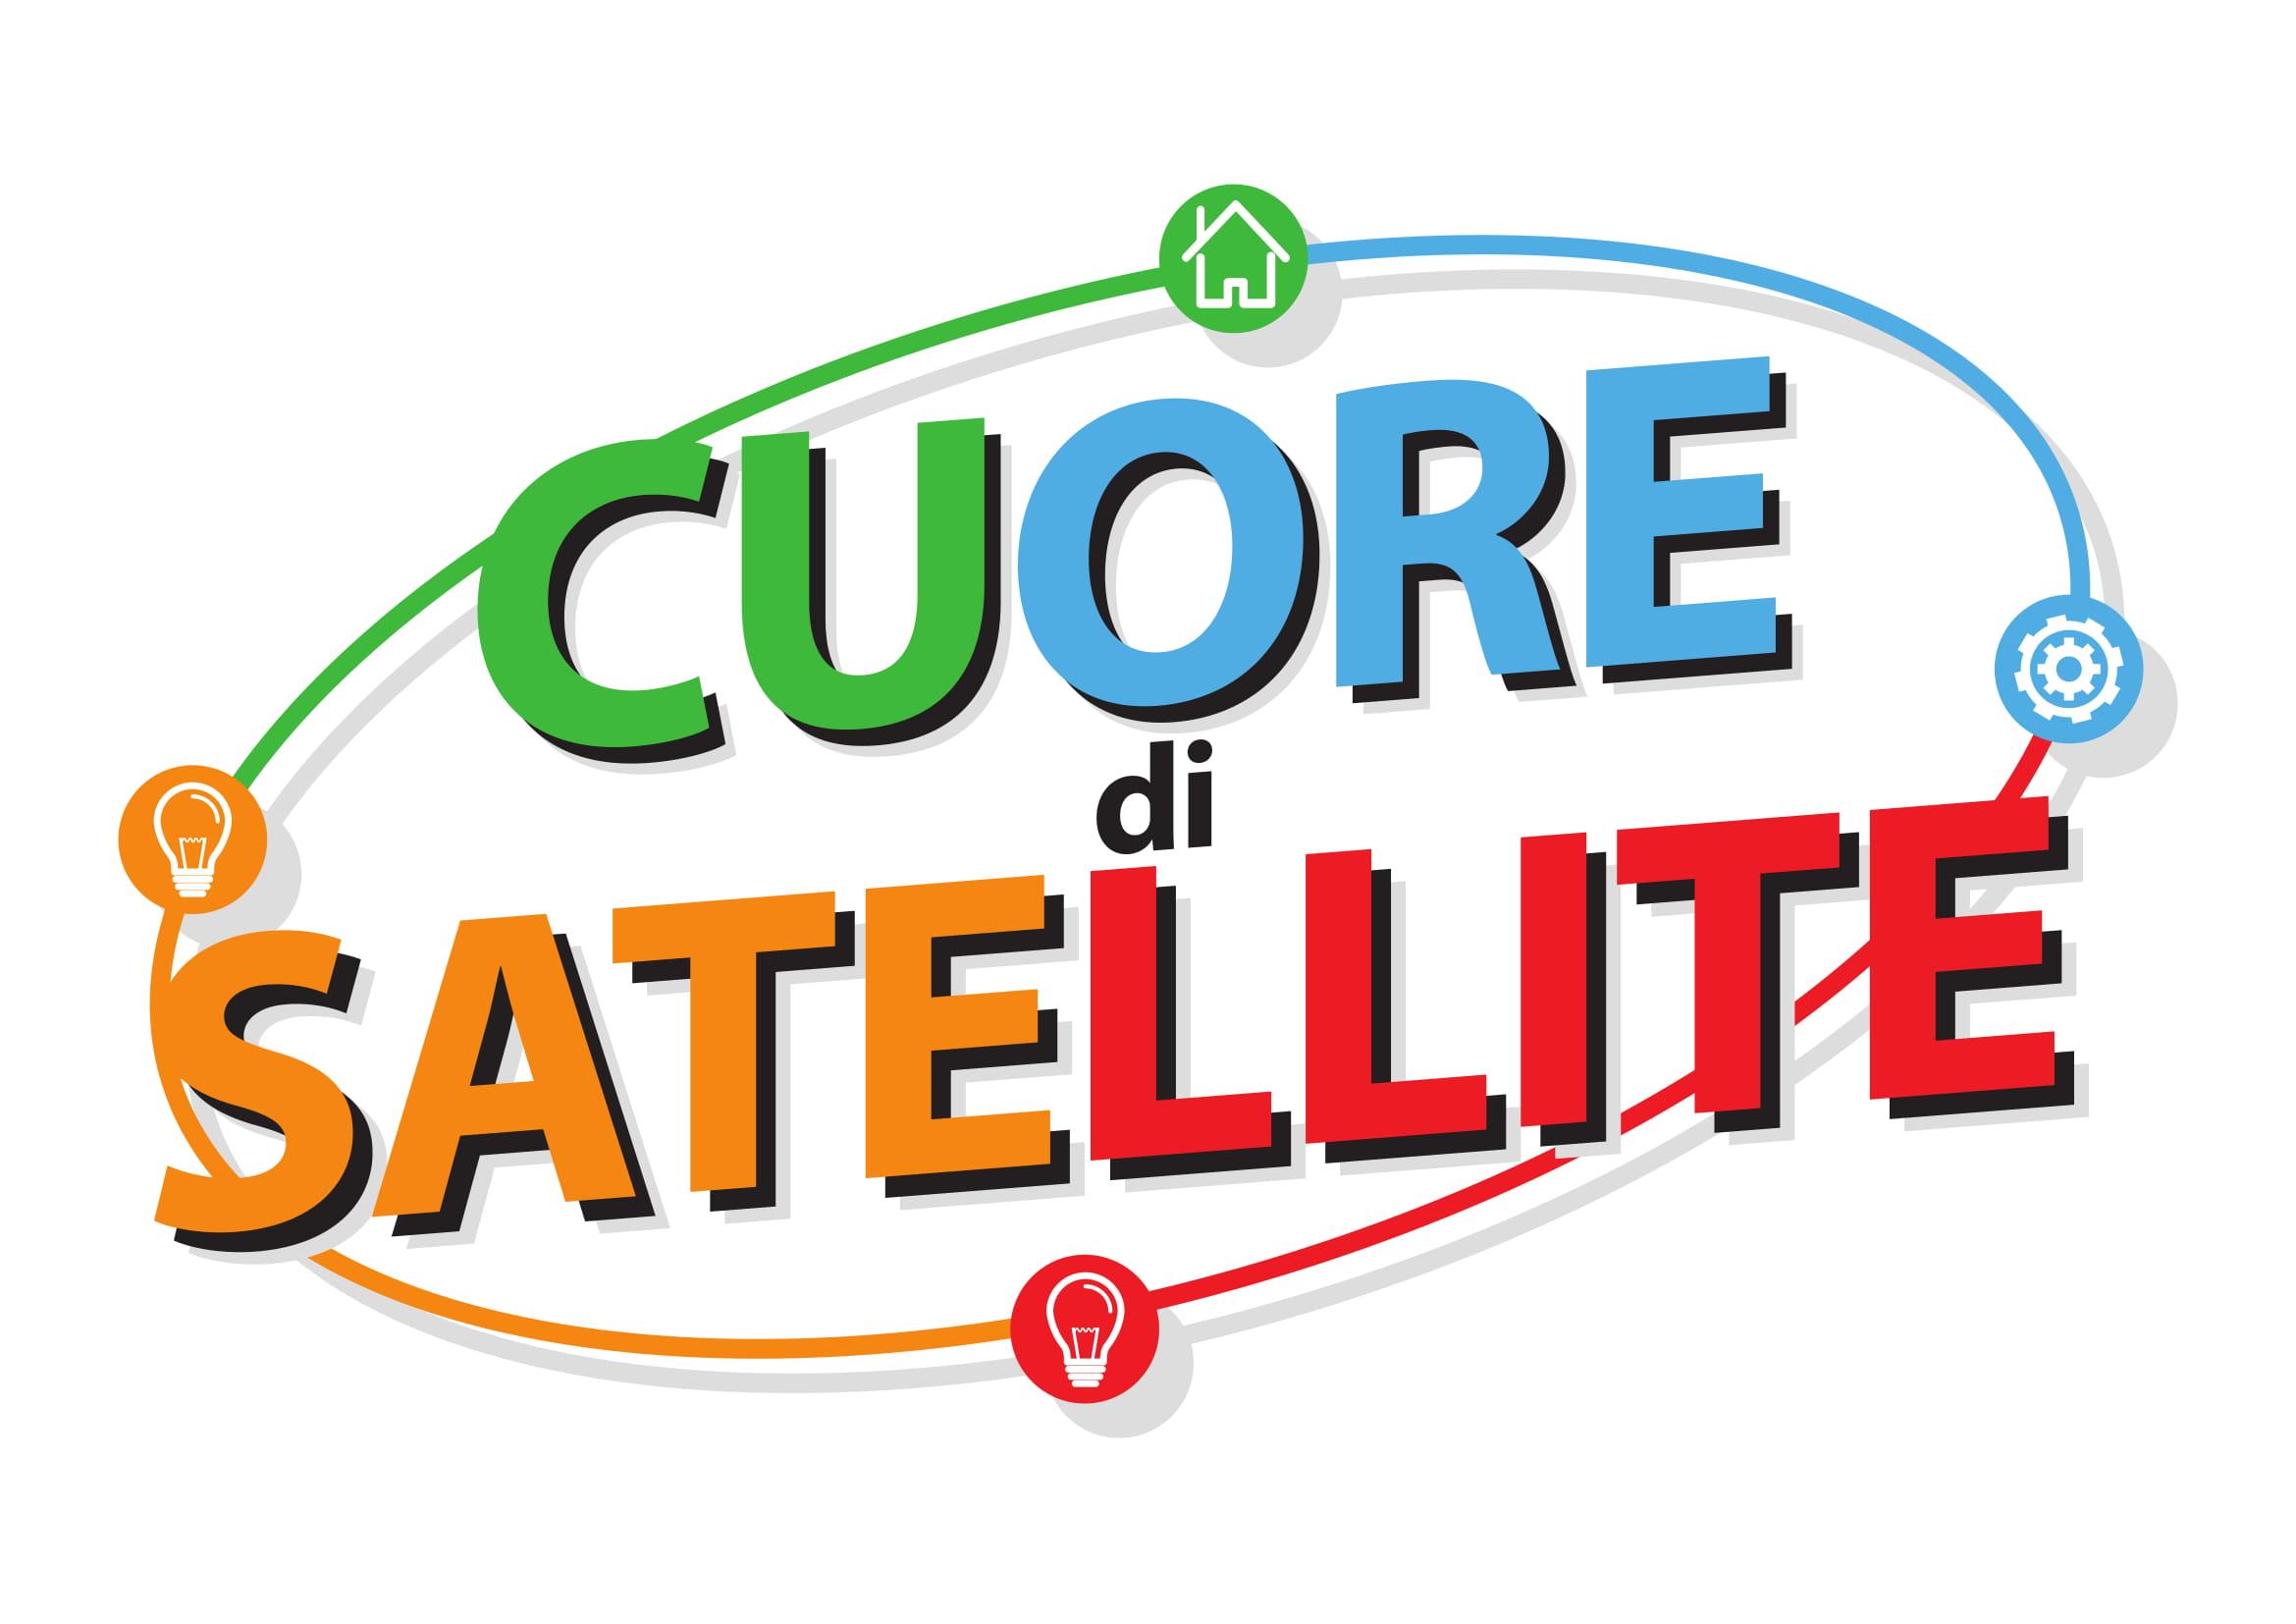 Cuore di Satellite